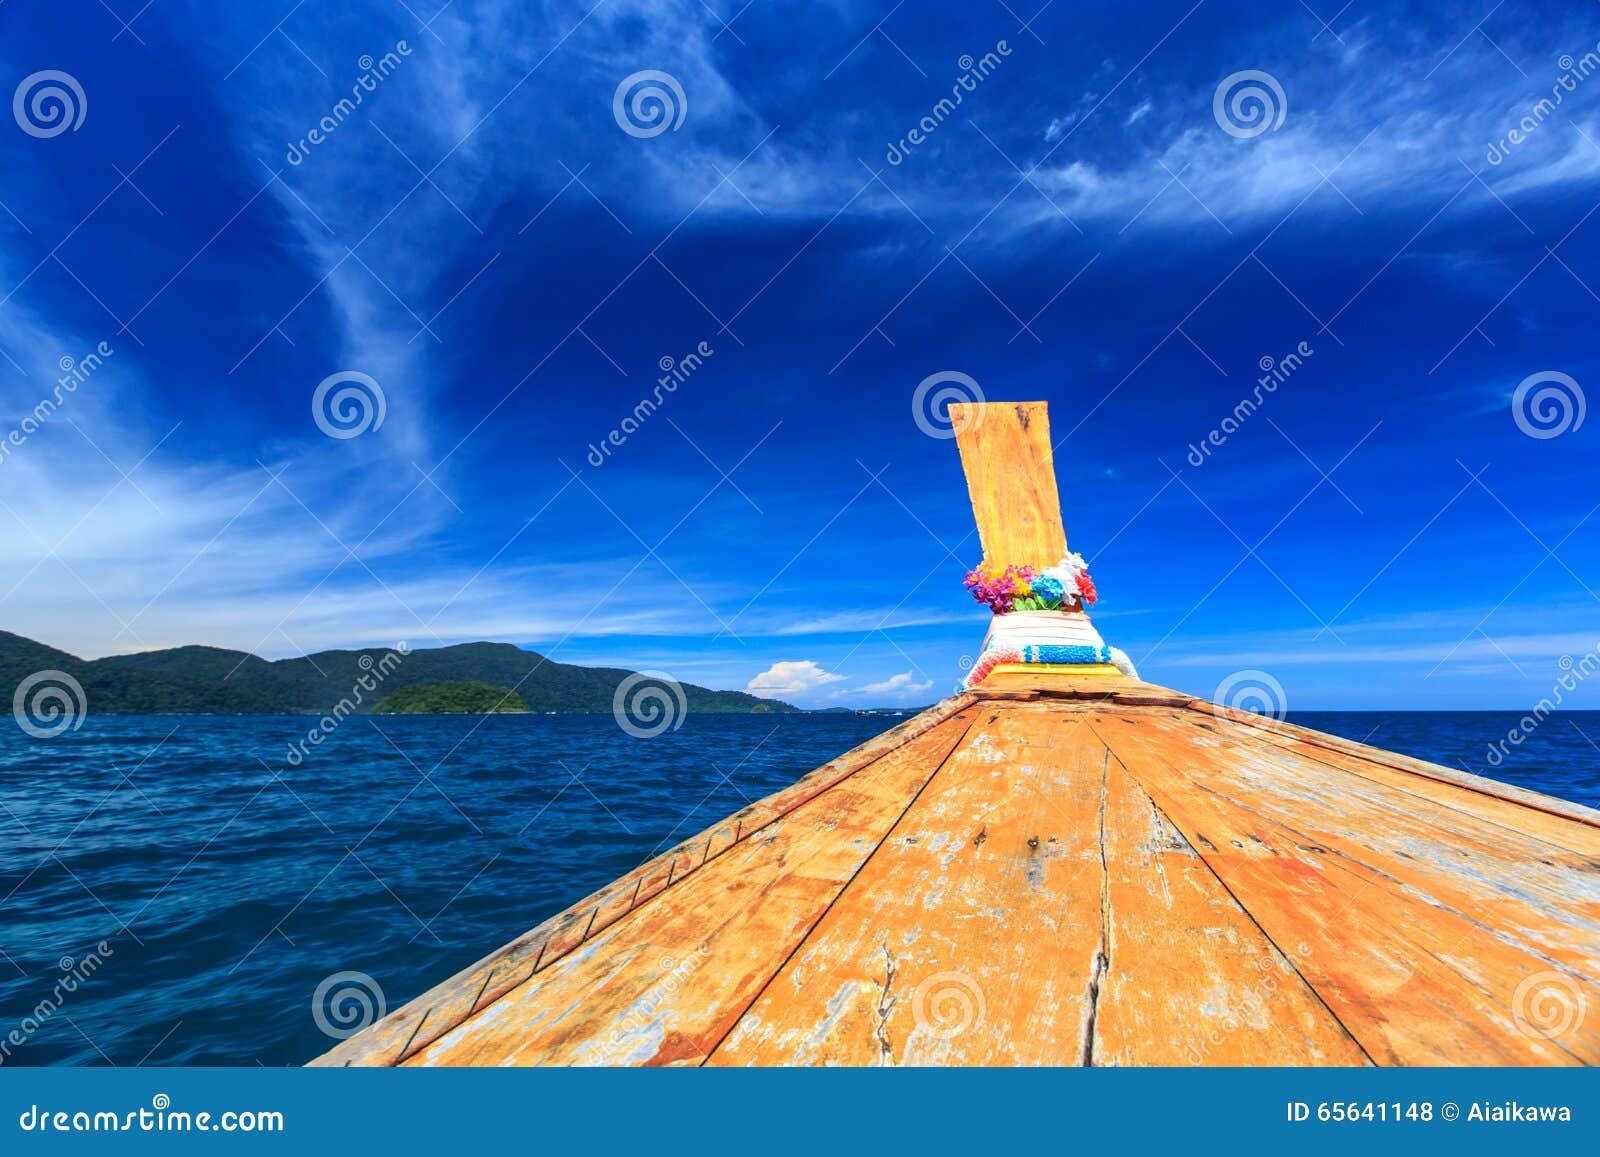 Bateau de Longtail sur la mer clair comme de l eau de roche à la plage tropicale